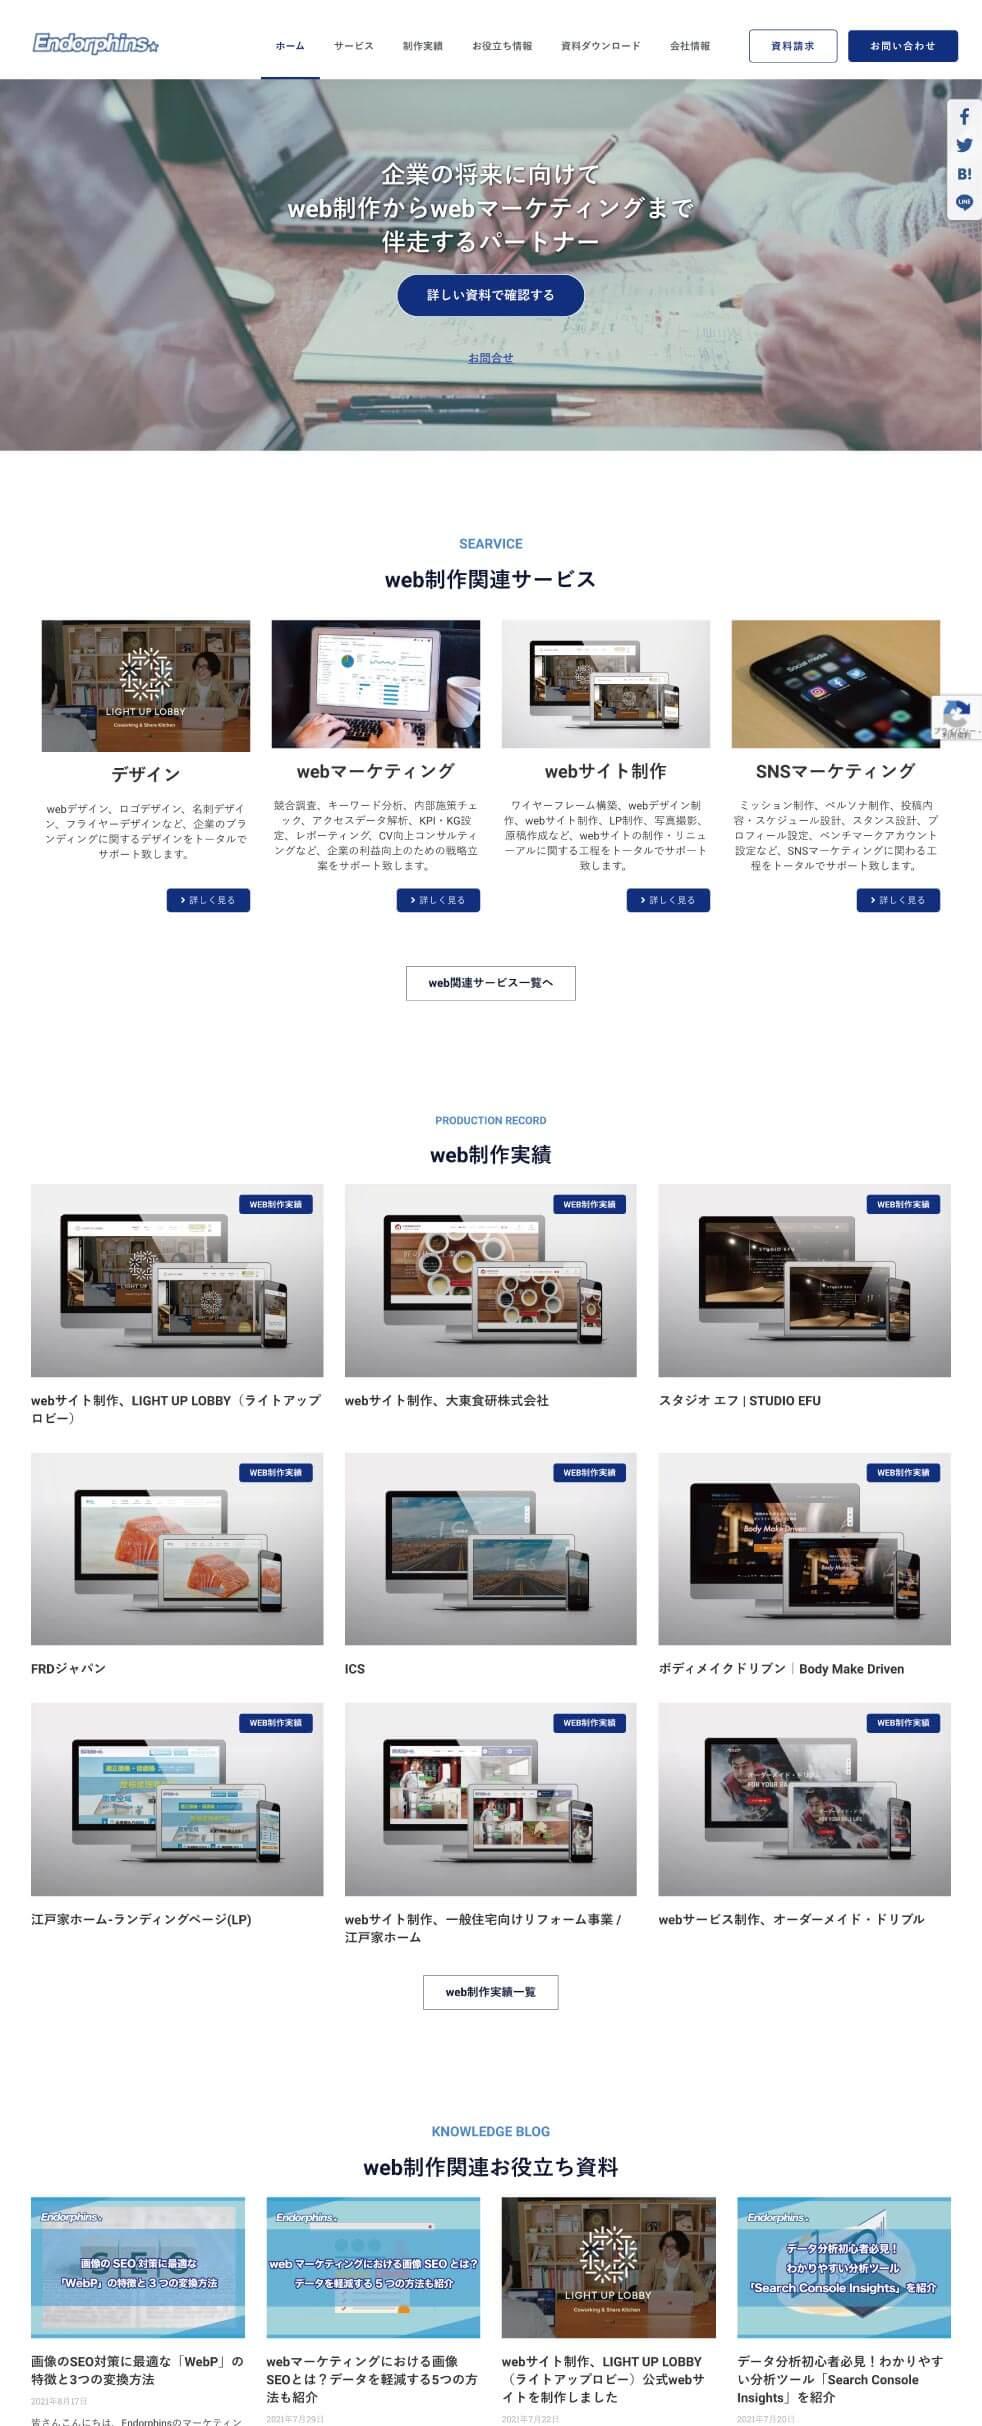 エンドルフィンズホームページ、PC版